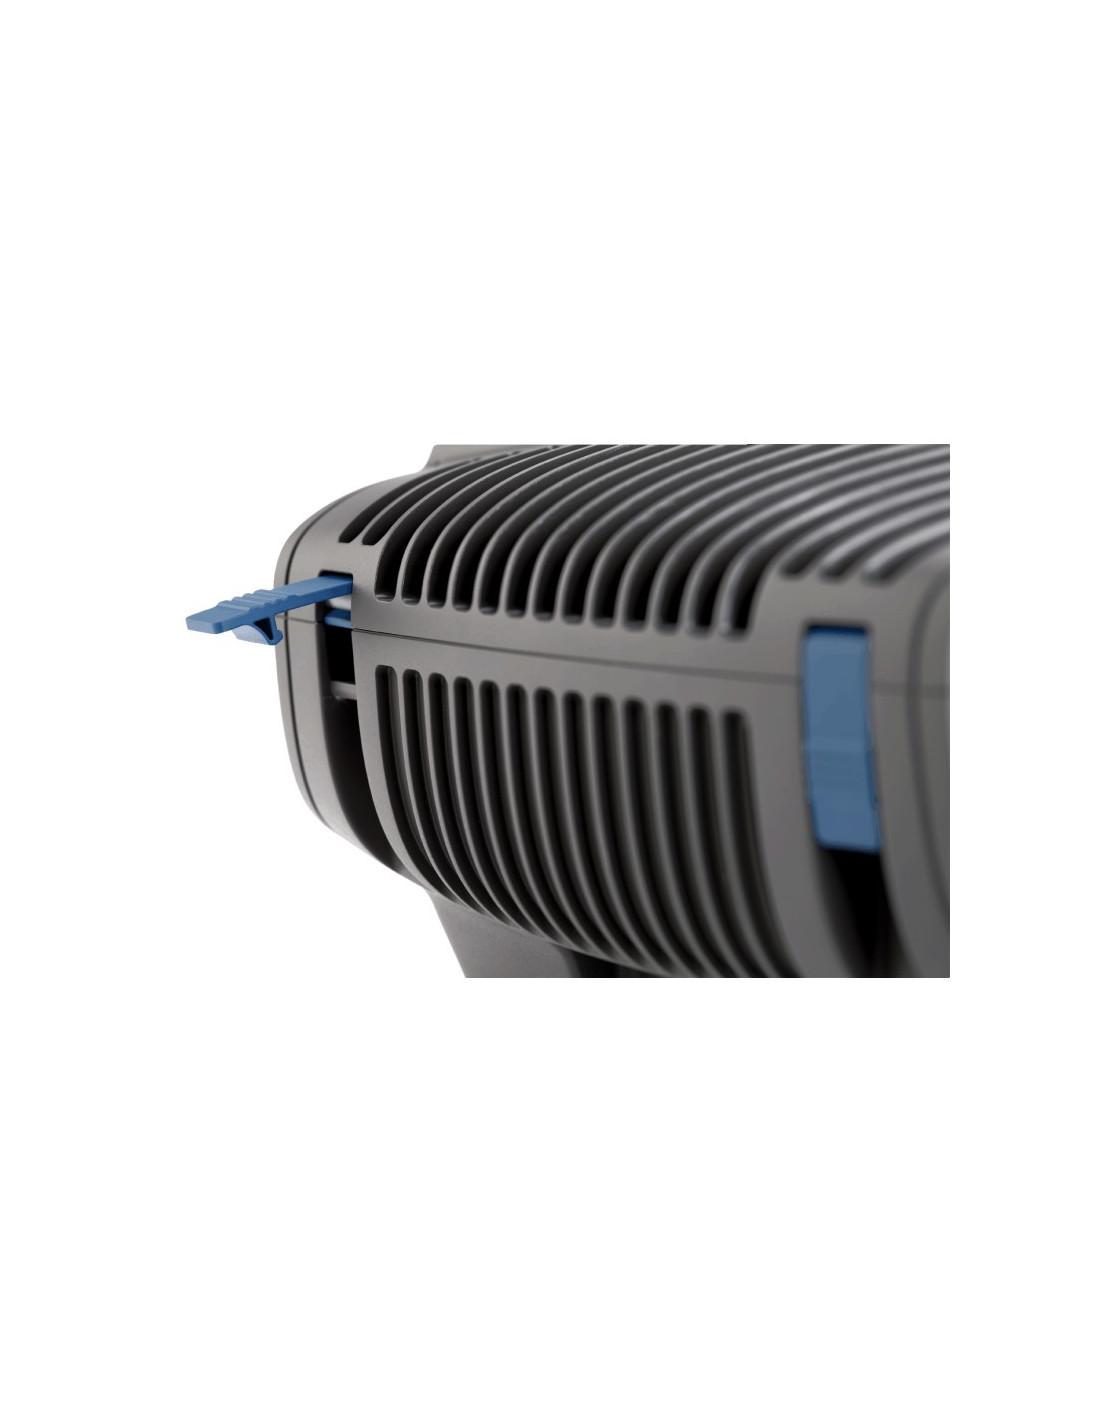 Clip Bitron Eco / Pompe Aquamax Eco Premium Oase